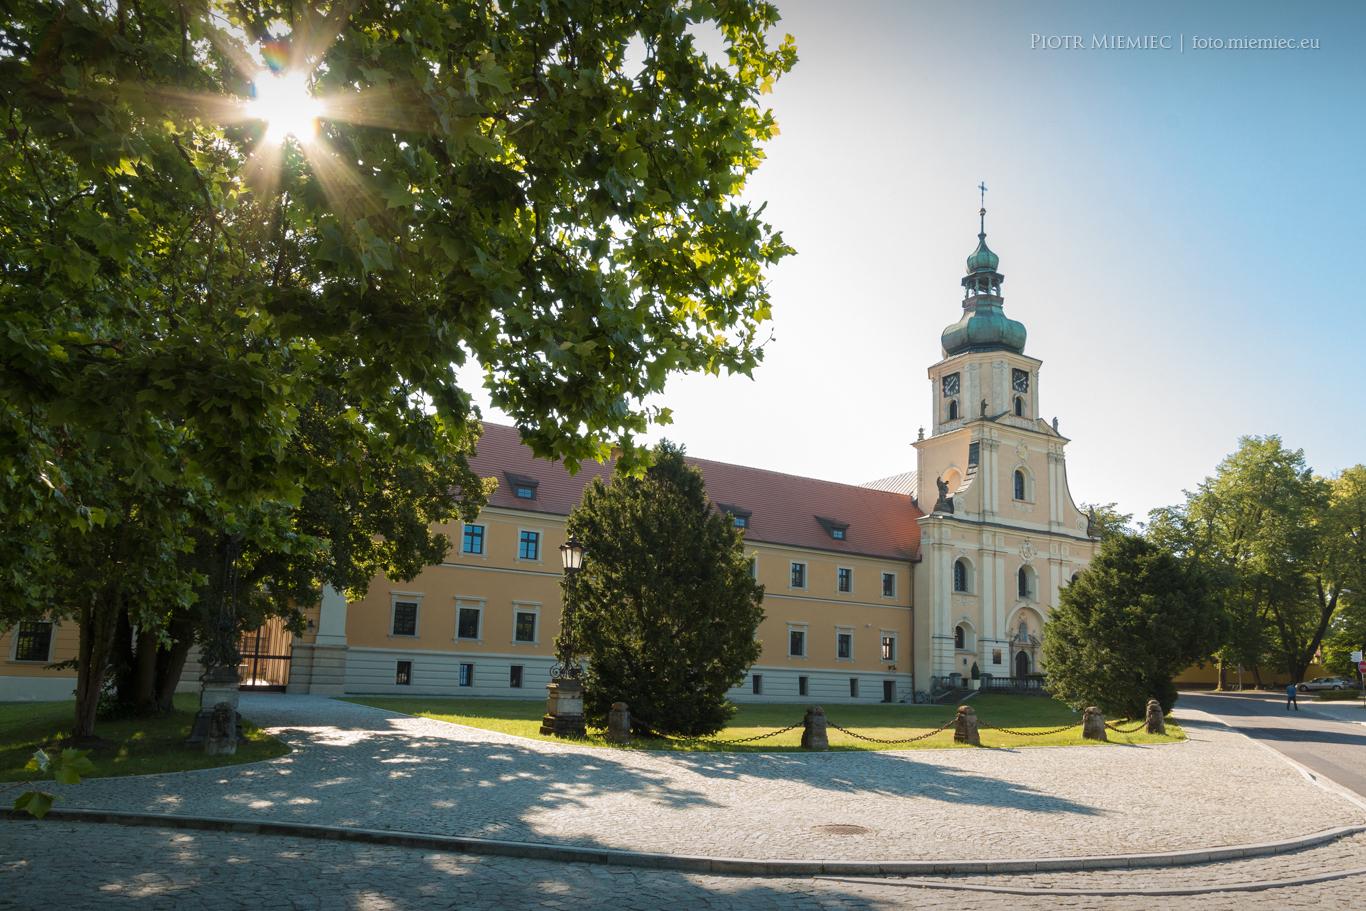 Zespół Pałacowo-klasztorny w Rudach